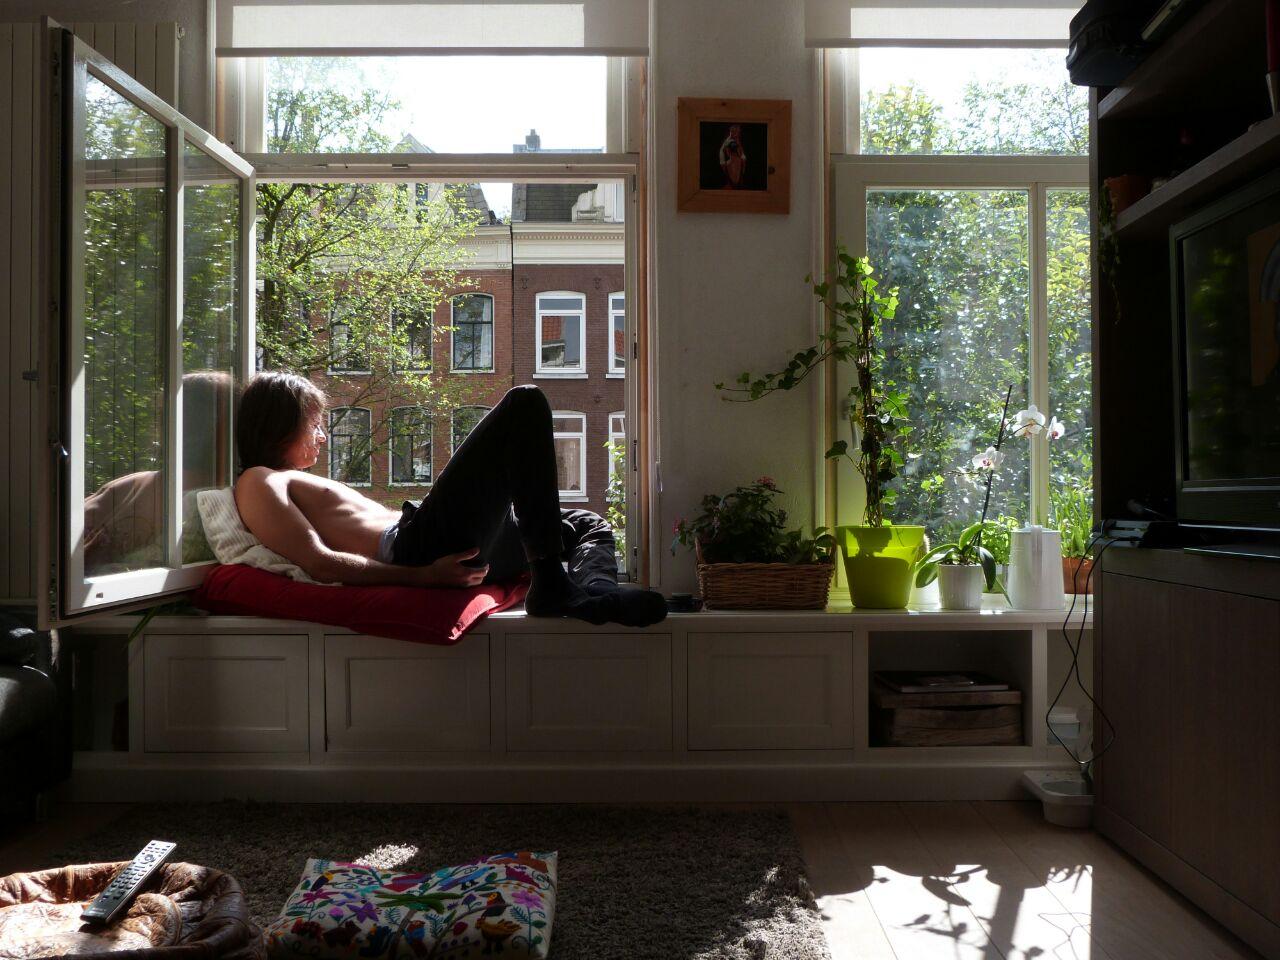 Diario di un nomade: Amsterdam (Casa) – Luglio/Agosto 2017